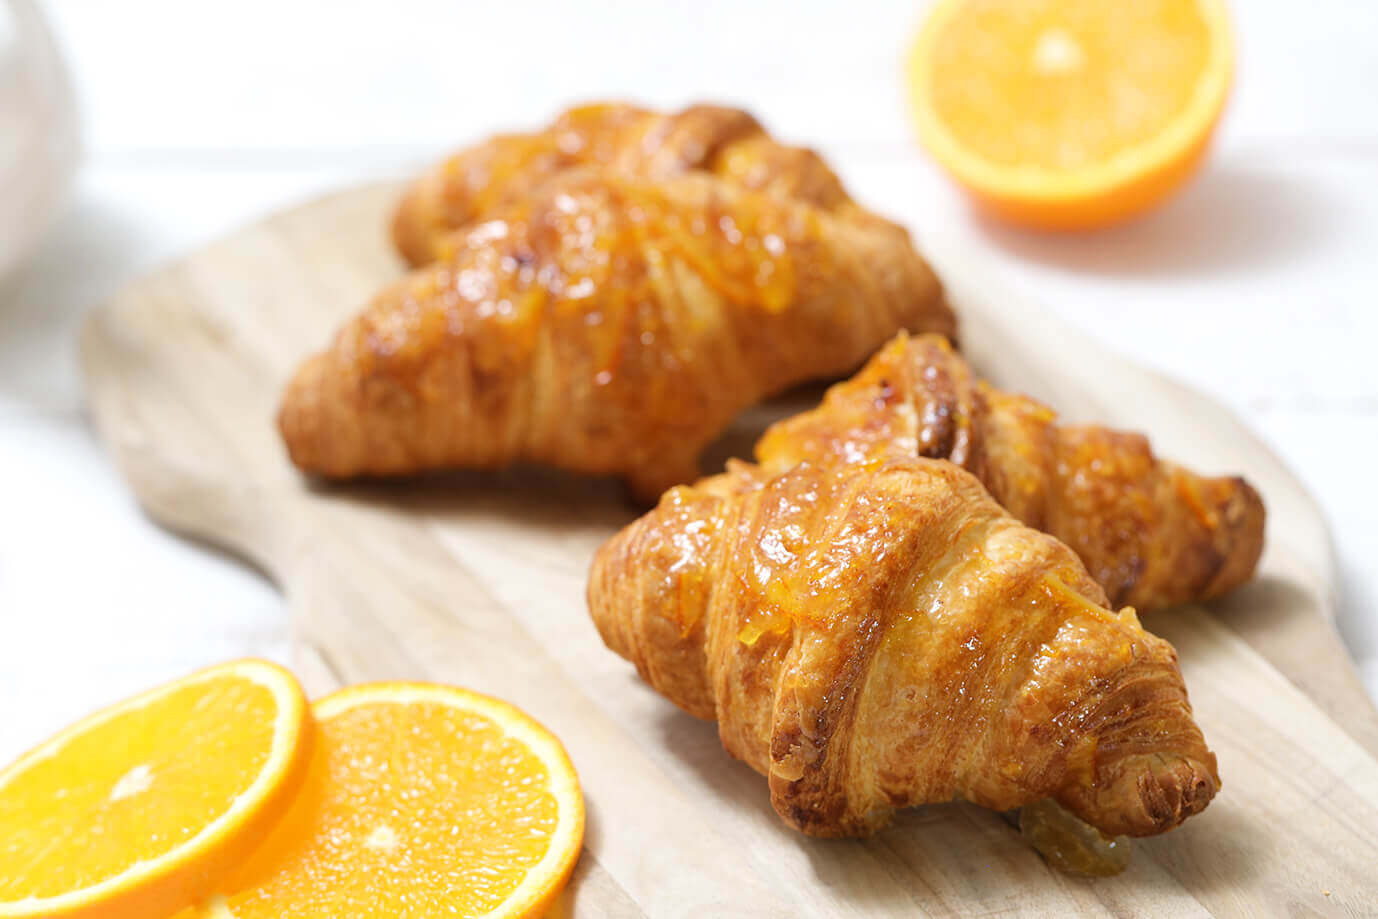 ハートブレッドアンティークの『ぜっぴん‼クロワッサン~オレンジ~』